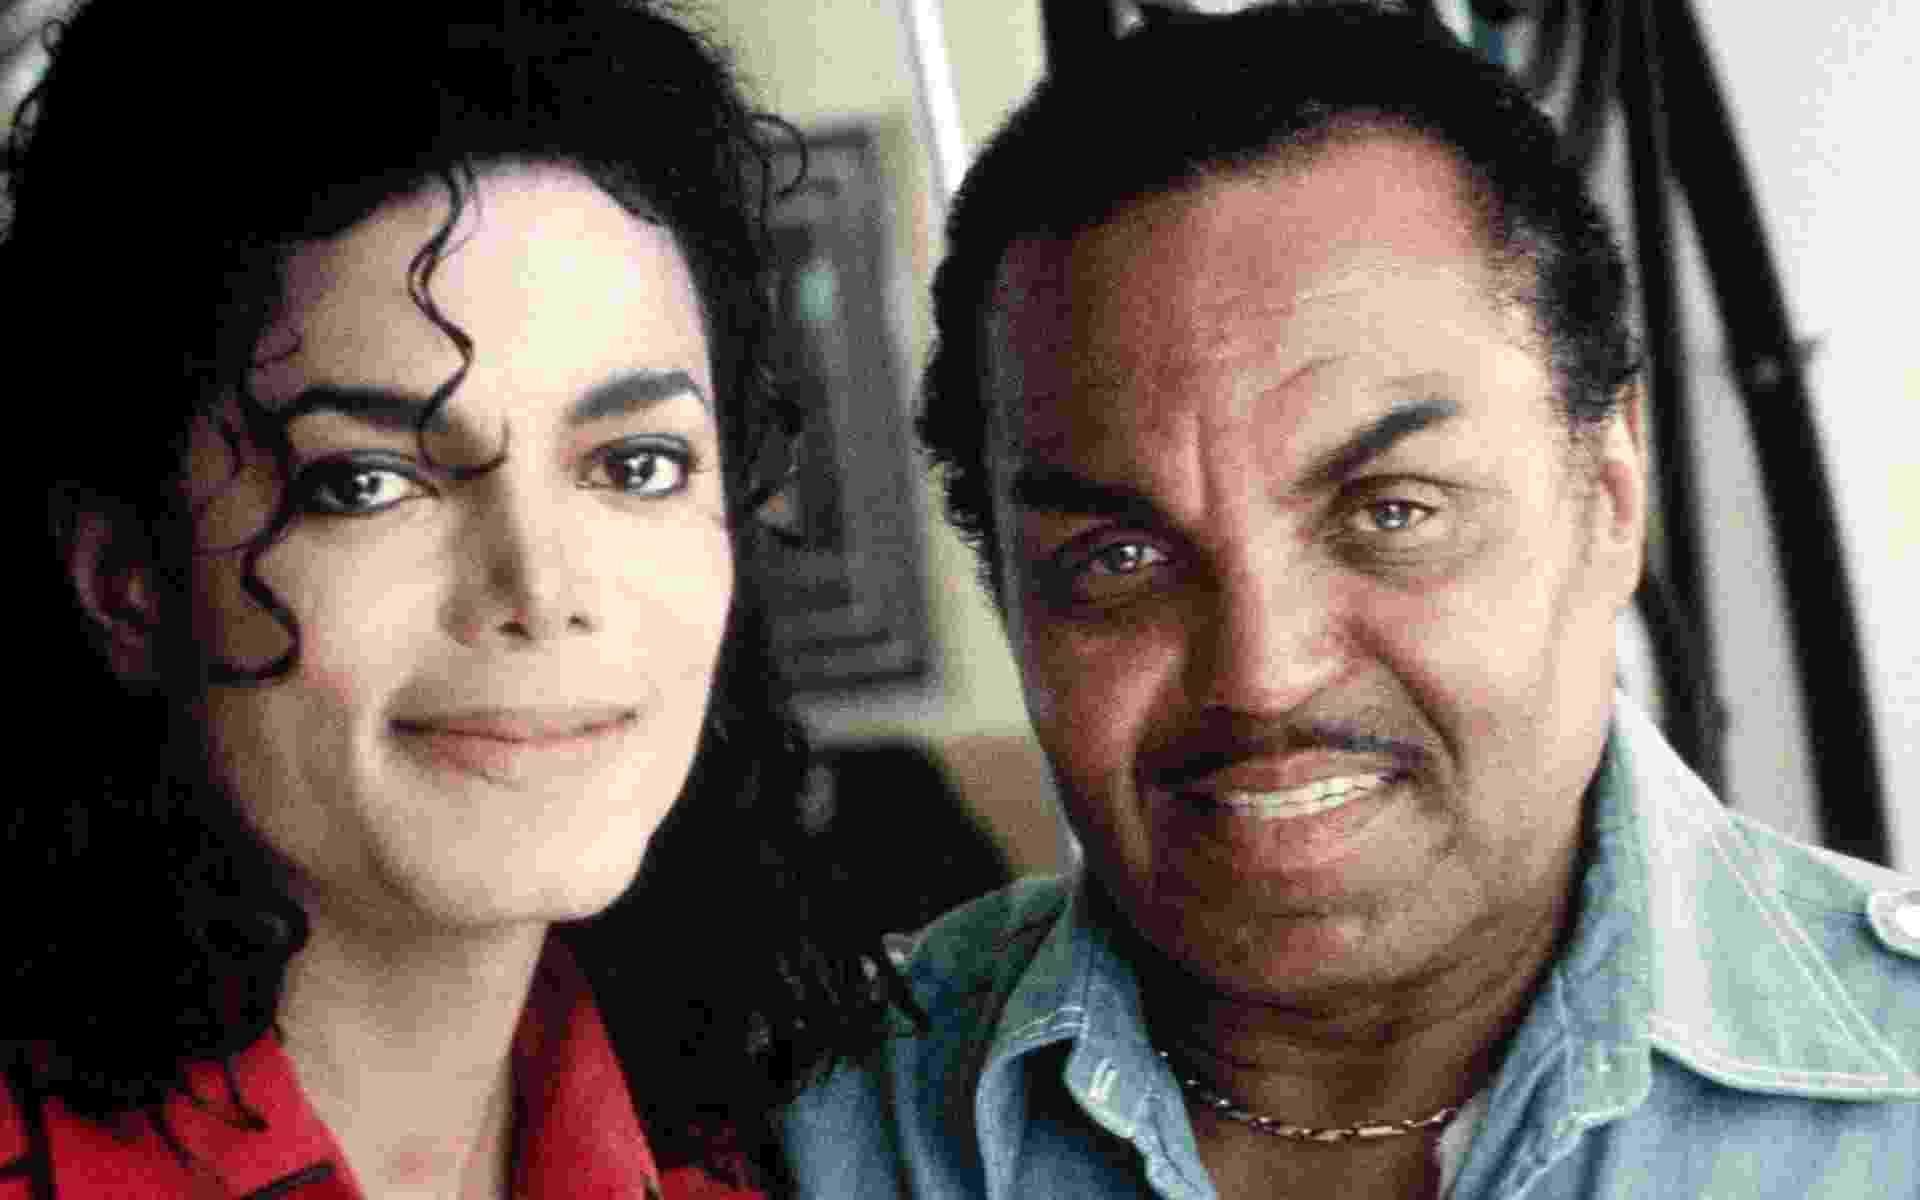 """Já conhecido como Rei do Pop, Michael Jackson posa com o pai na época de lançamento do disco """"Bad"""", em 1989 - Divulgação"""